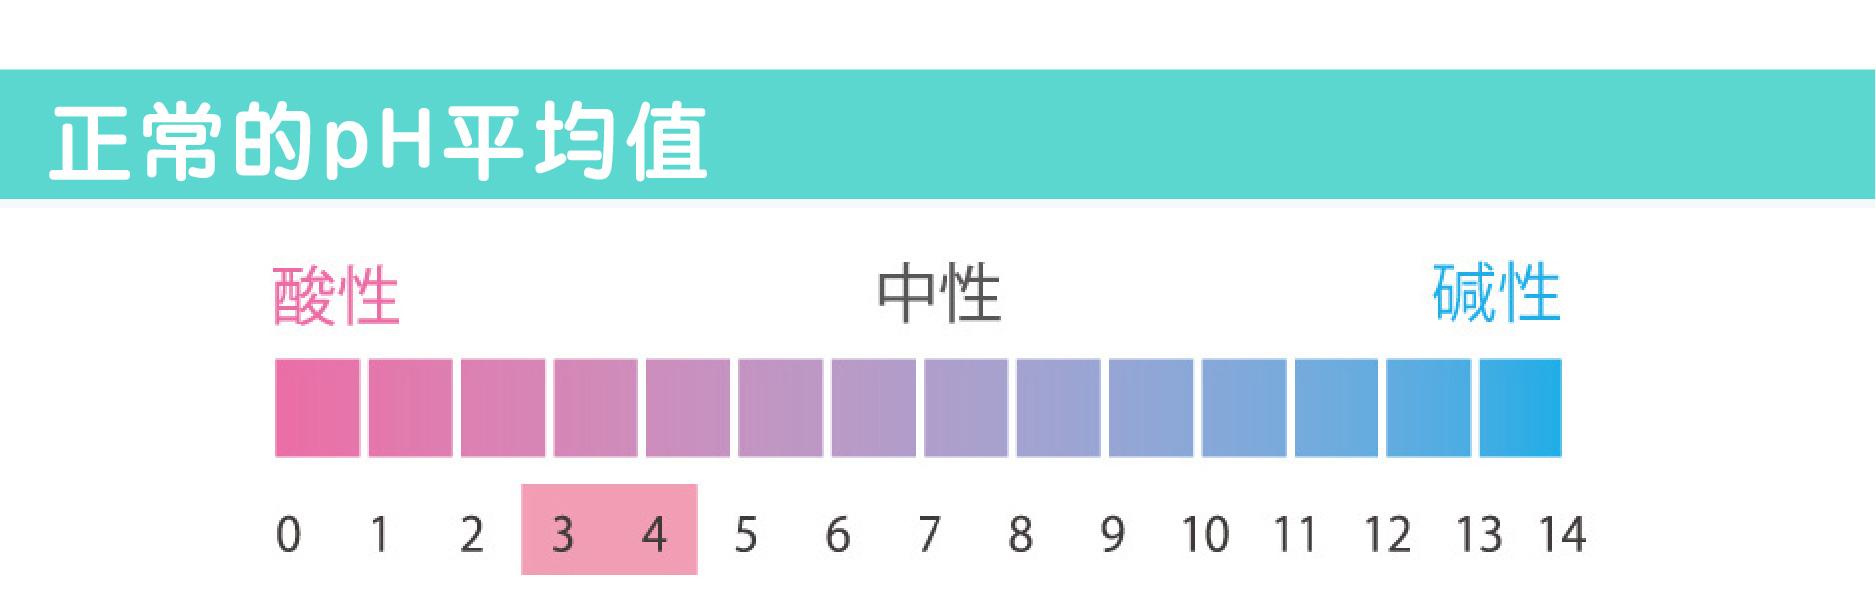 pH平均值